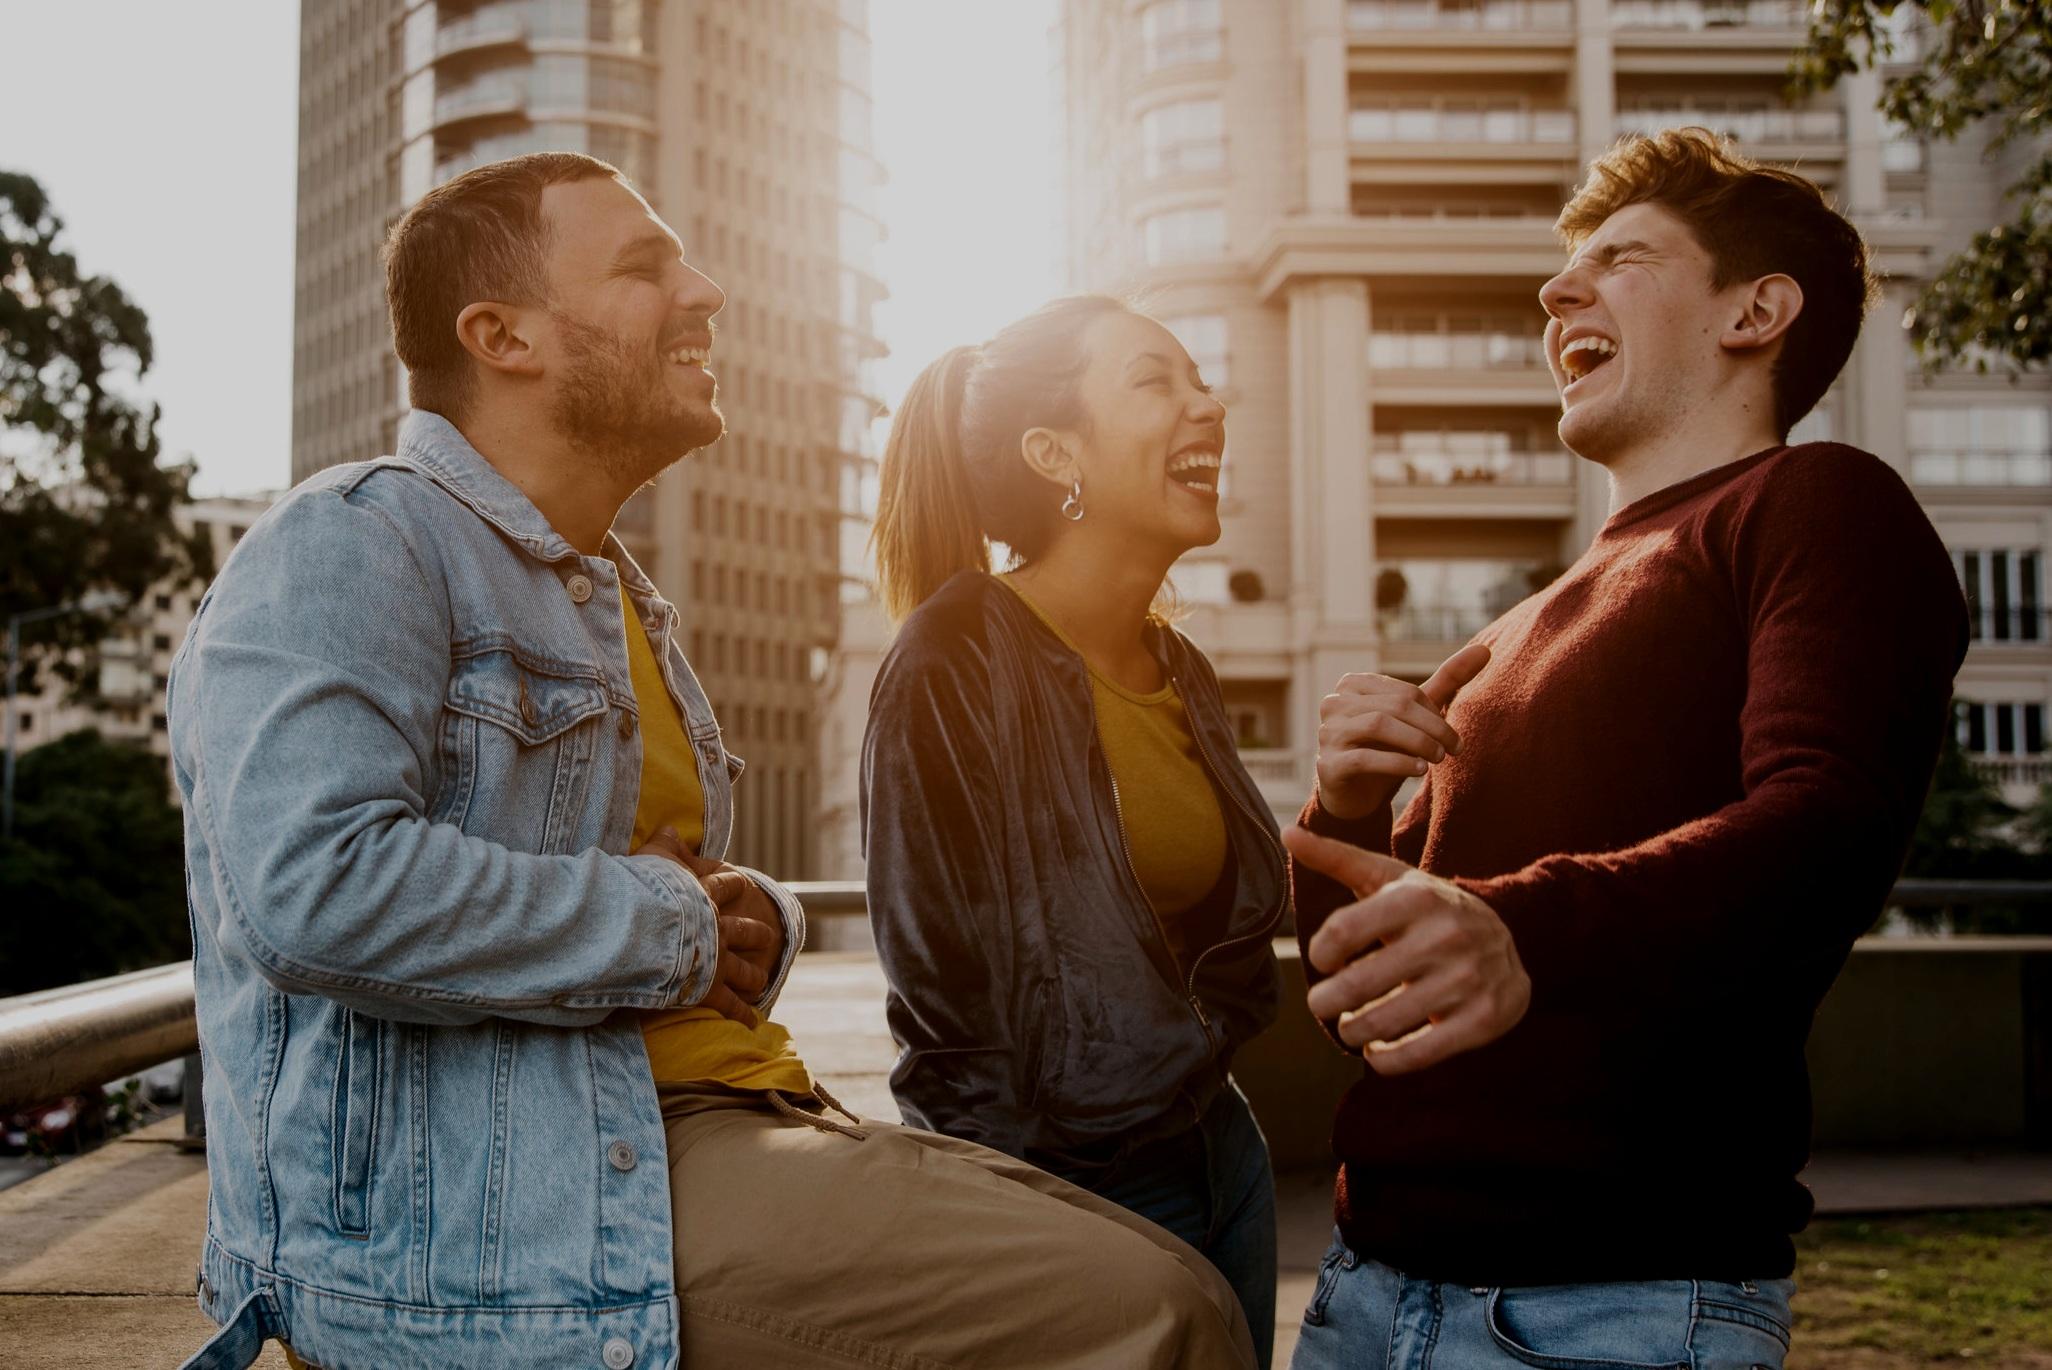 community - Convive y conecta con personas como tú.